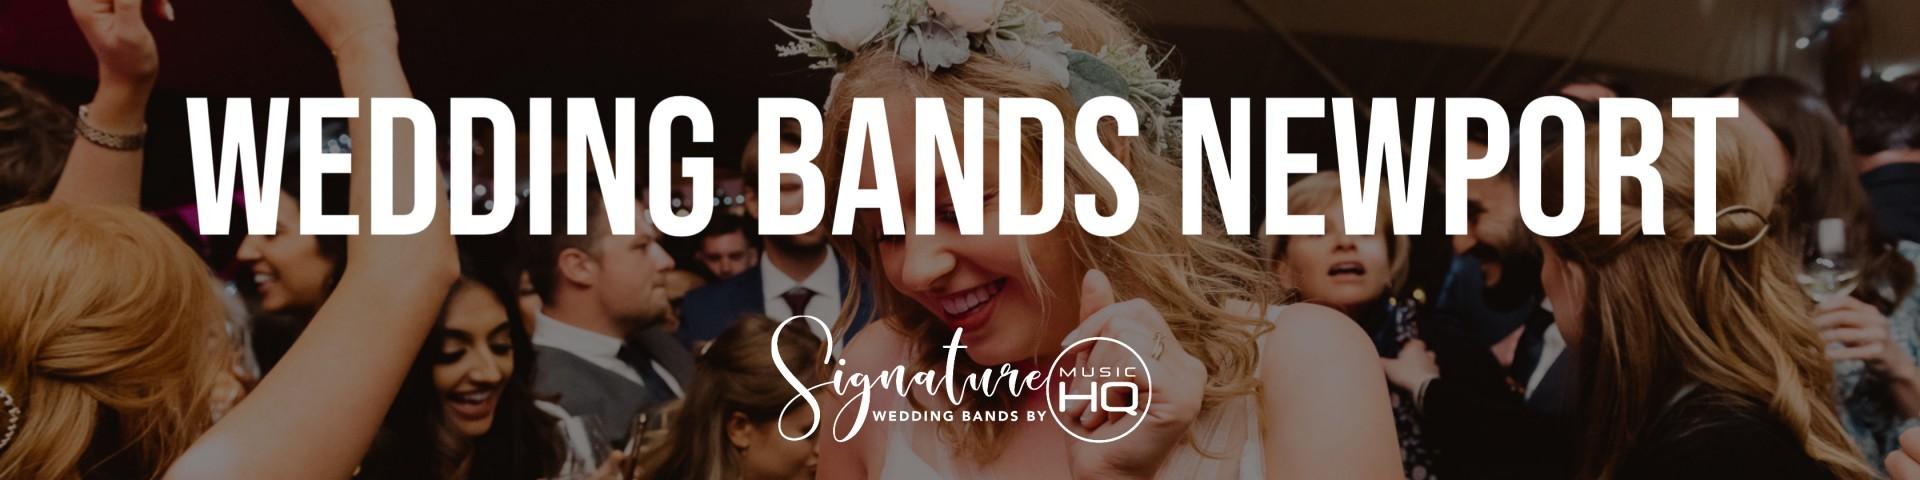 Wedding Bands in Newport